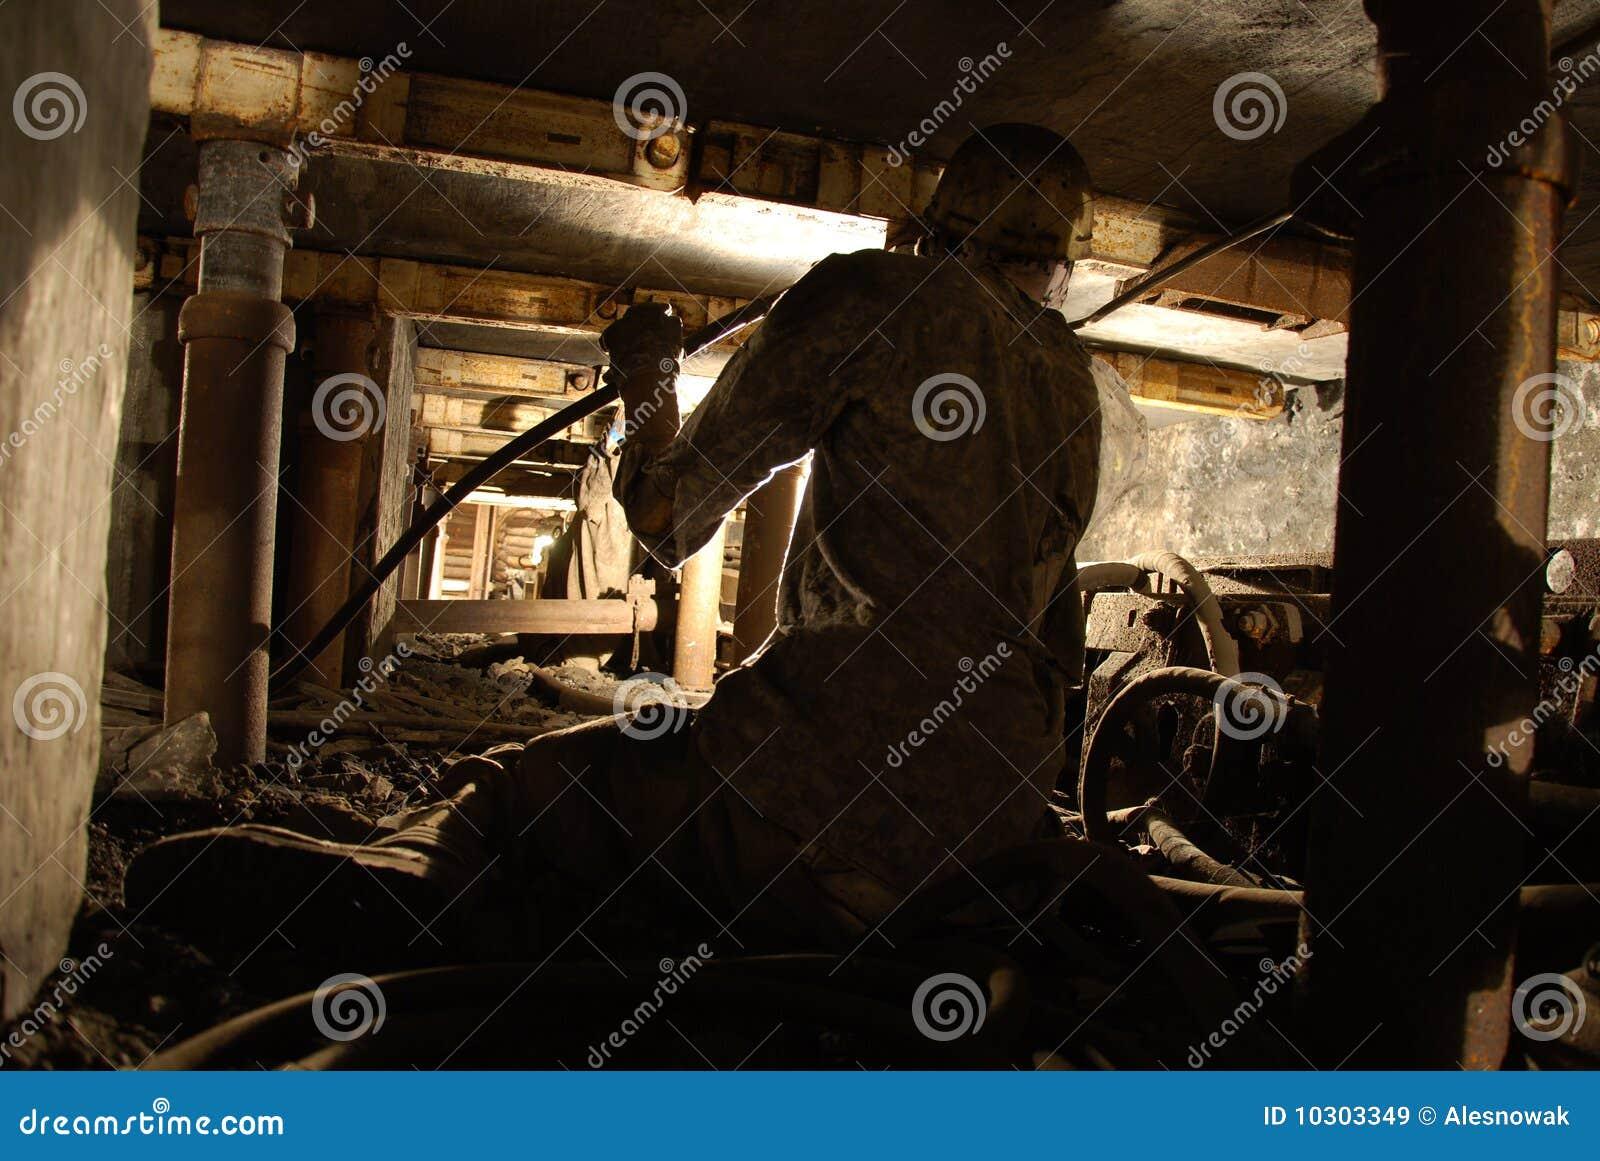 Mijnwerker